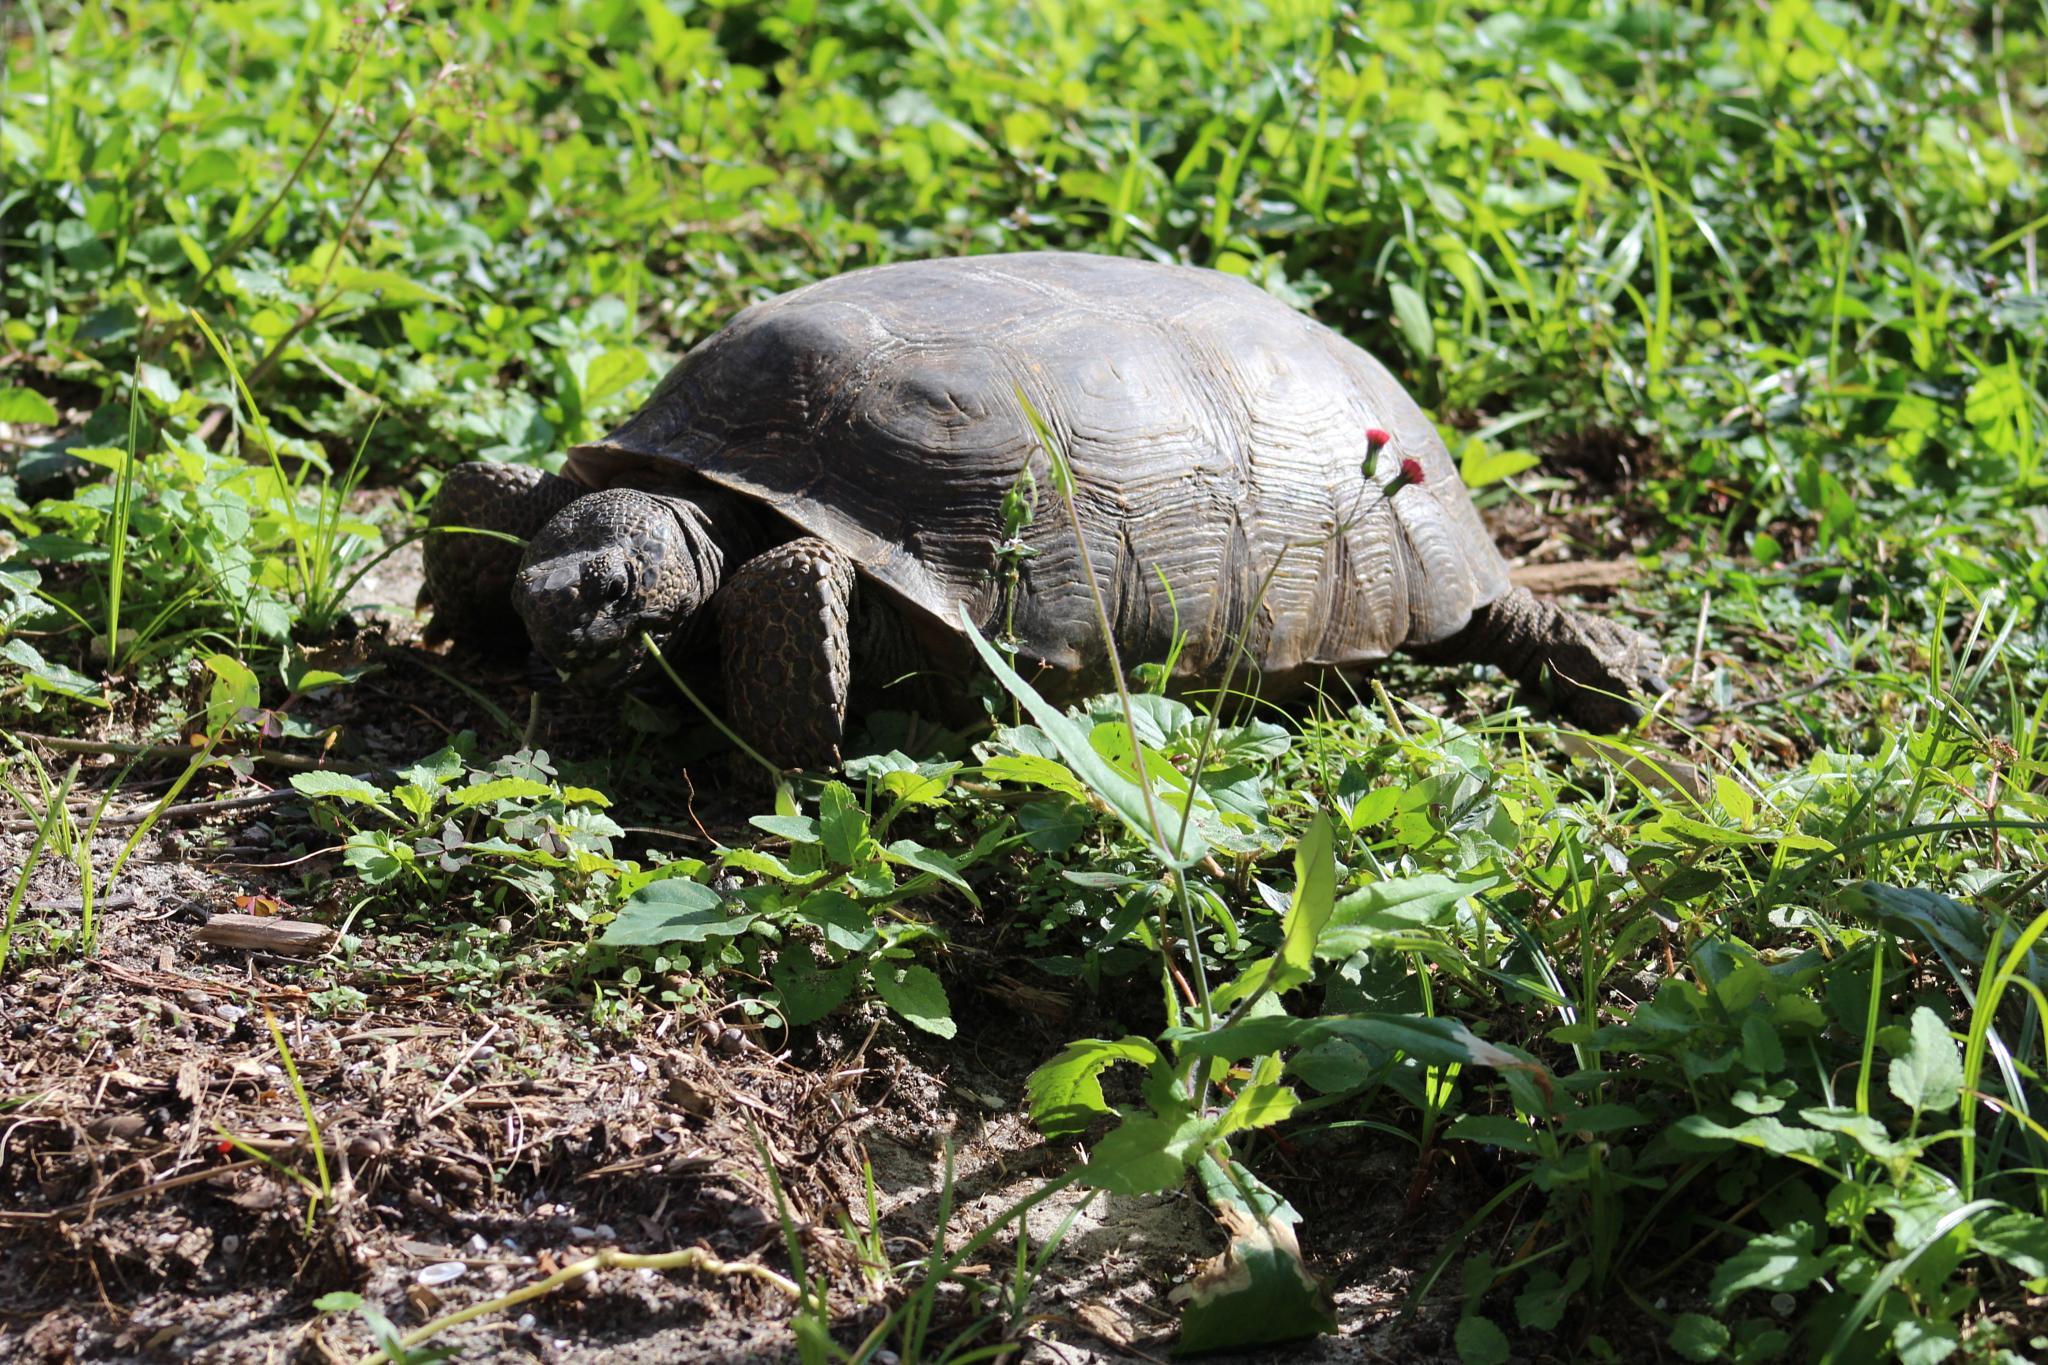 tortoise by Diane.Mumbower